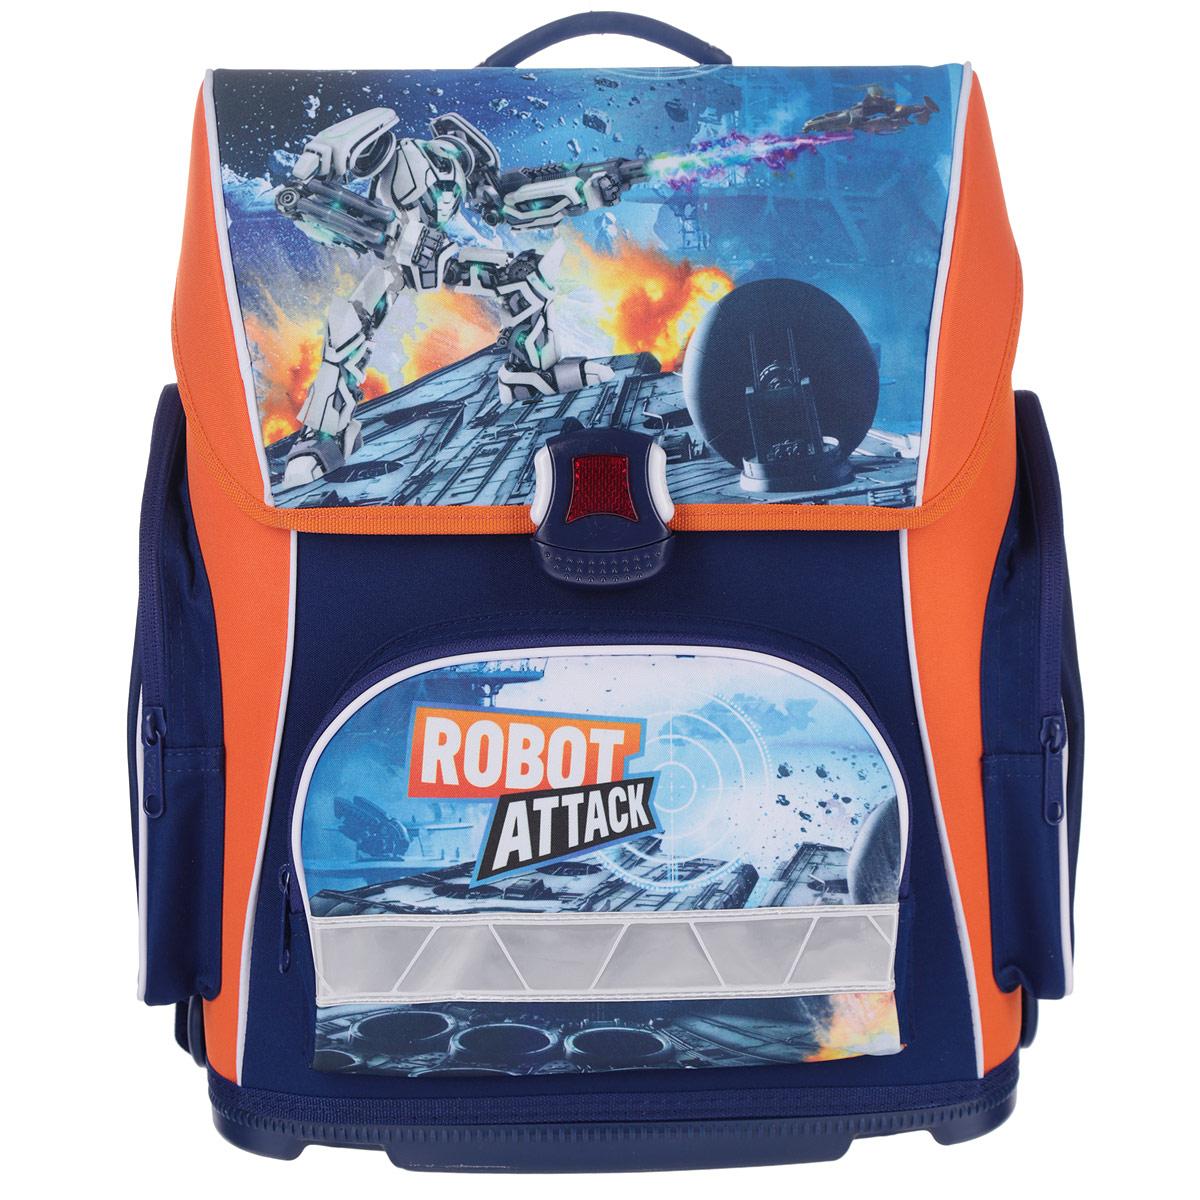 Ранец Hatber Robot Attack, модель Optimum, цвет: синий, оранжевыйNRk_20668Ранец Hatber Robot attack идеально подойдет для школьников! Ранец выполнен из водонепроницаемого, морозоустойчивого, устойчивого к солнечному излучению материала. Изделие оформлено изображением в виде робота. Содержит одно вместительное отделение, закрывающееся клапаном на замок-защелку. Внутри отделения имеется мягкая перегородка для тетрадей, учебников. Клапан полностью откидывается, что существенно облегчает пользование ранцем. На внутренней части клапана находится прозрачный пластиковый кармашек, в который можно поместить расписание занятий. Ранец имеет два боковых кармана, закрывающиеся на молнии. Лицевая сторона ранца оснащена накладным карманом на молнии. Жесткий анатомический каркас и форма спинки способствует равномерному распределению нагрузки и формированию правильной осанки. Конструкция спинки дополнена эргономичными подушечками, противоскользящей сеточкой и системой вентиляции для предотвращения запотевания спины ребенка. Широкие мягкие...